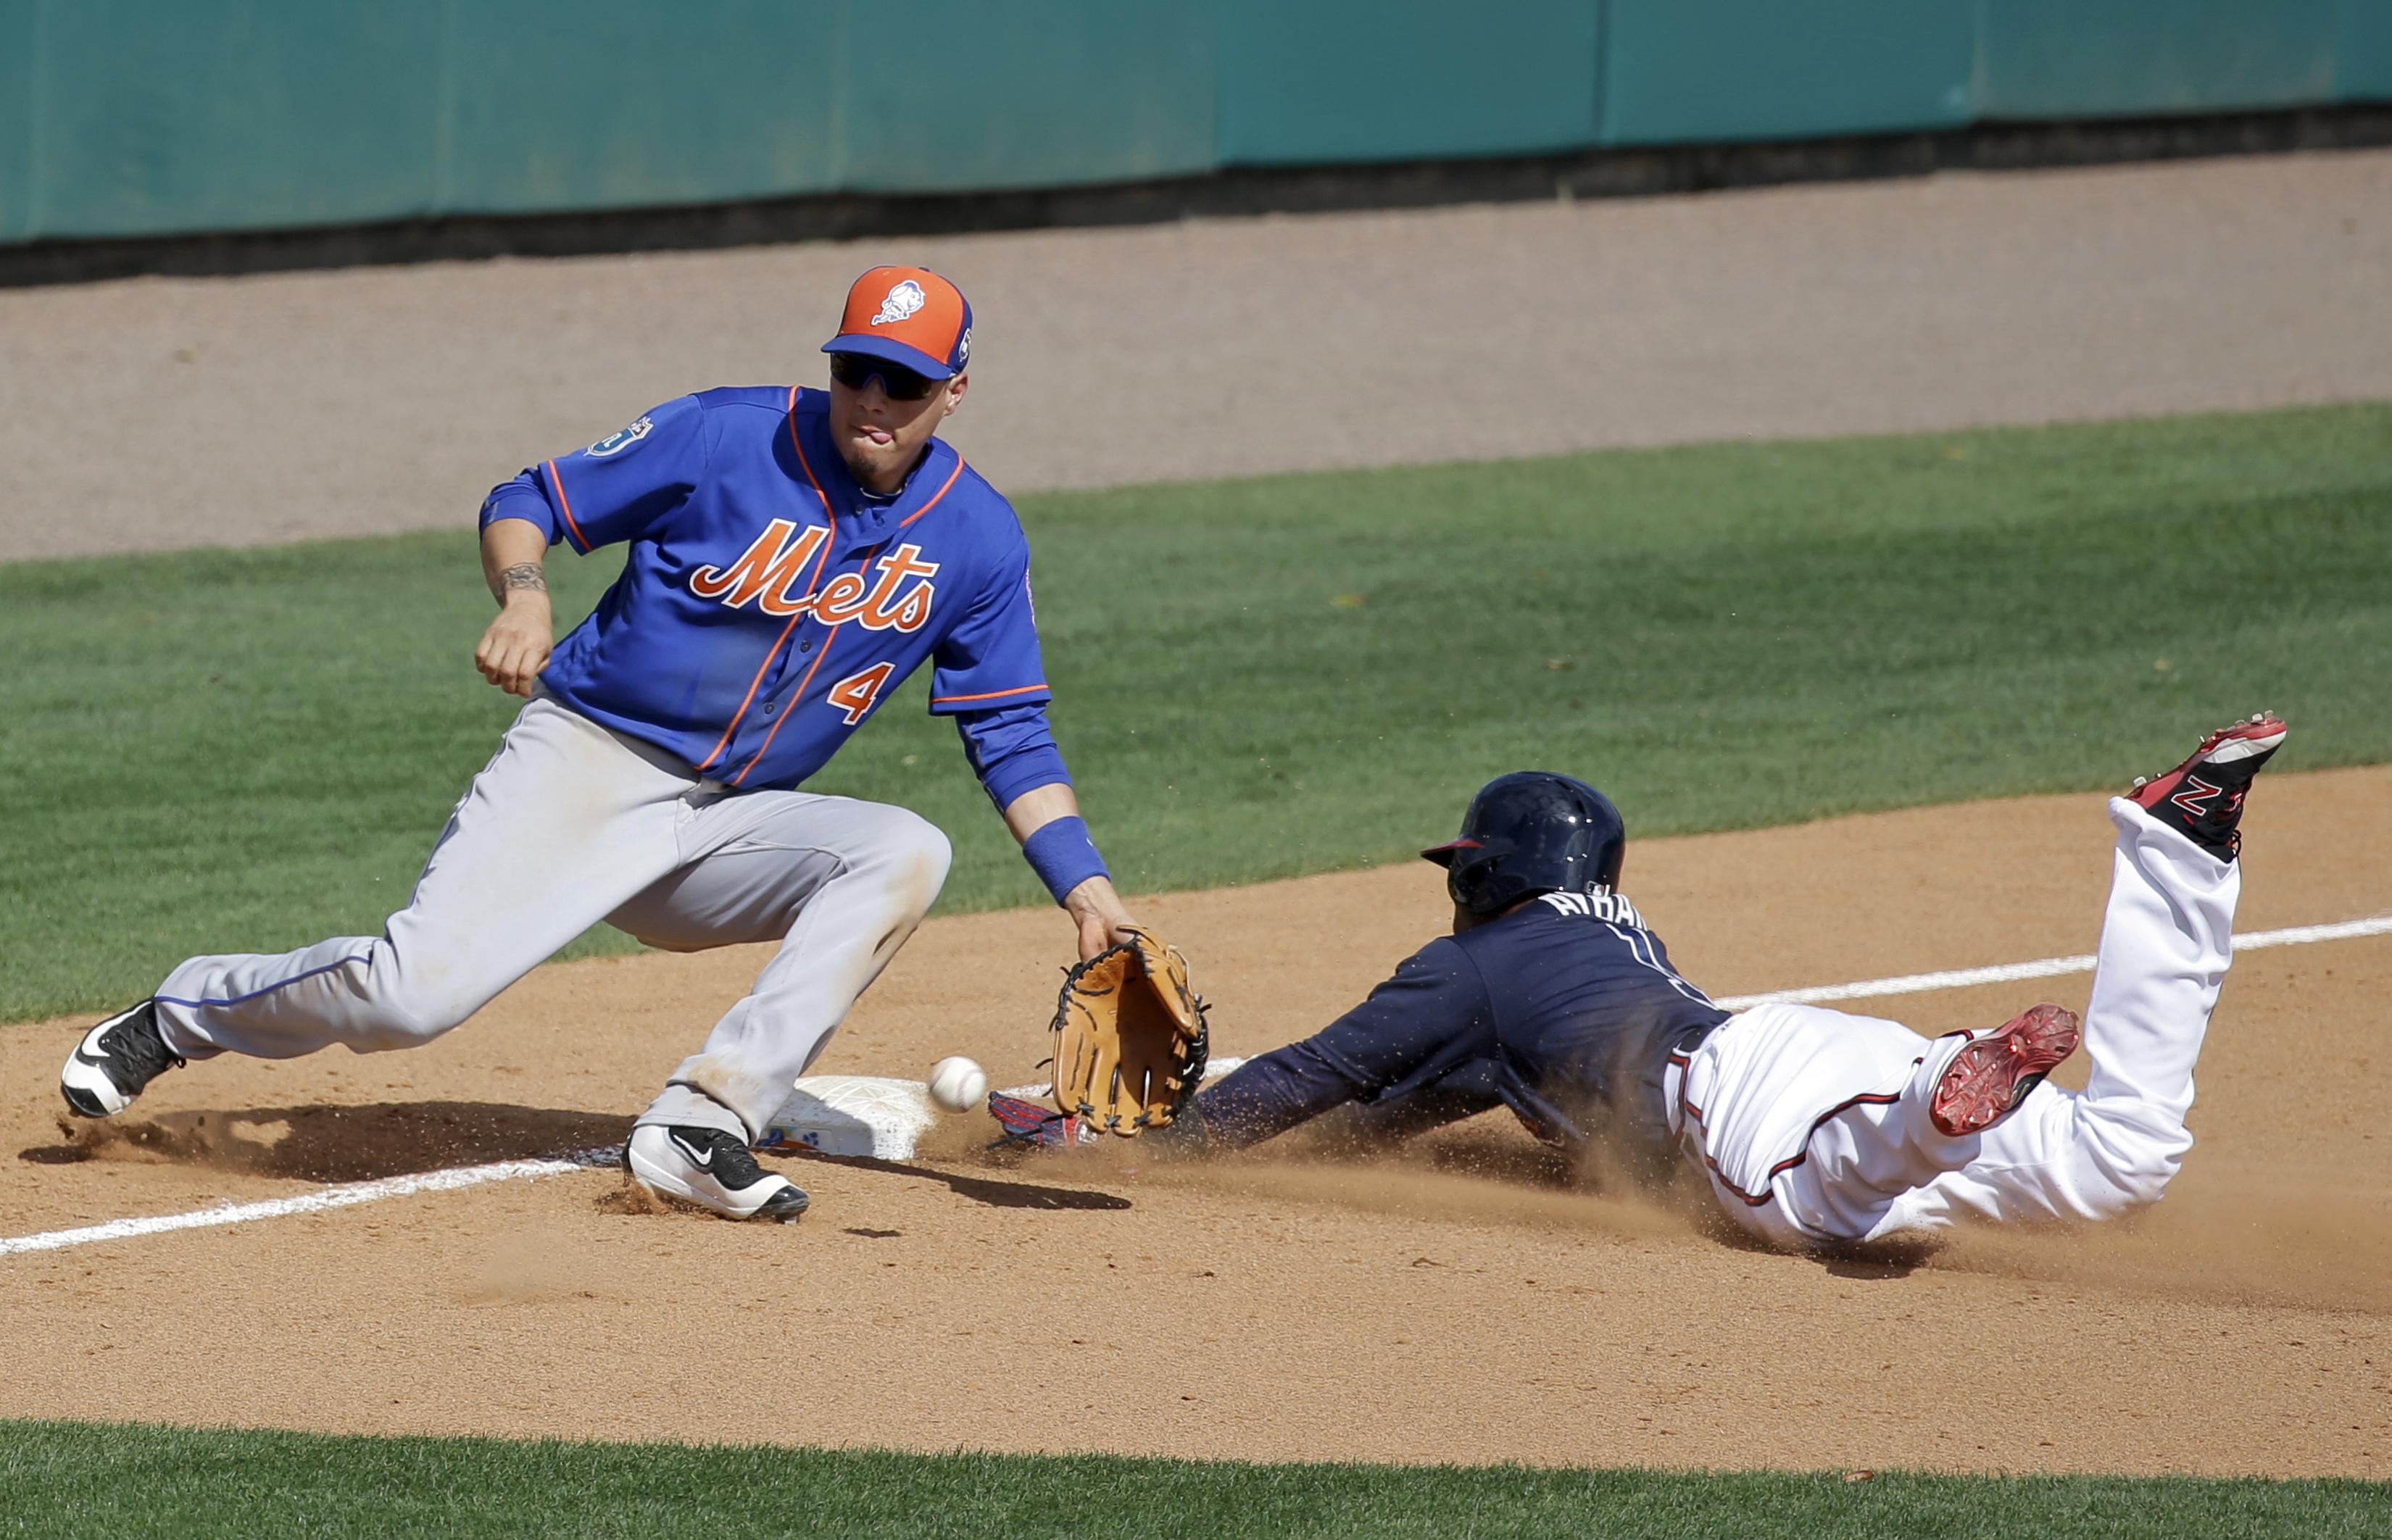 Mets_braves_baseball